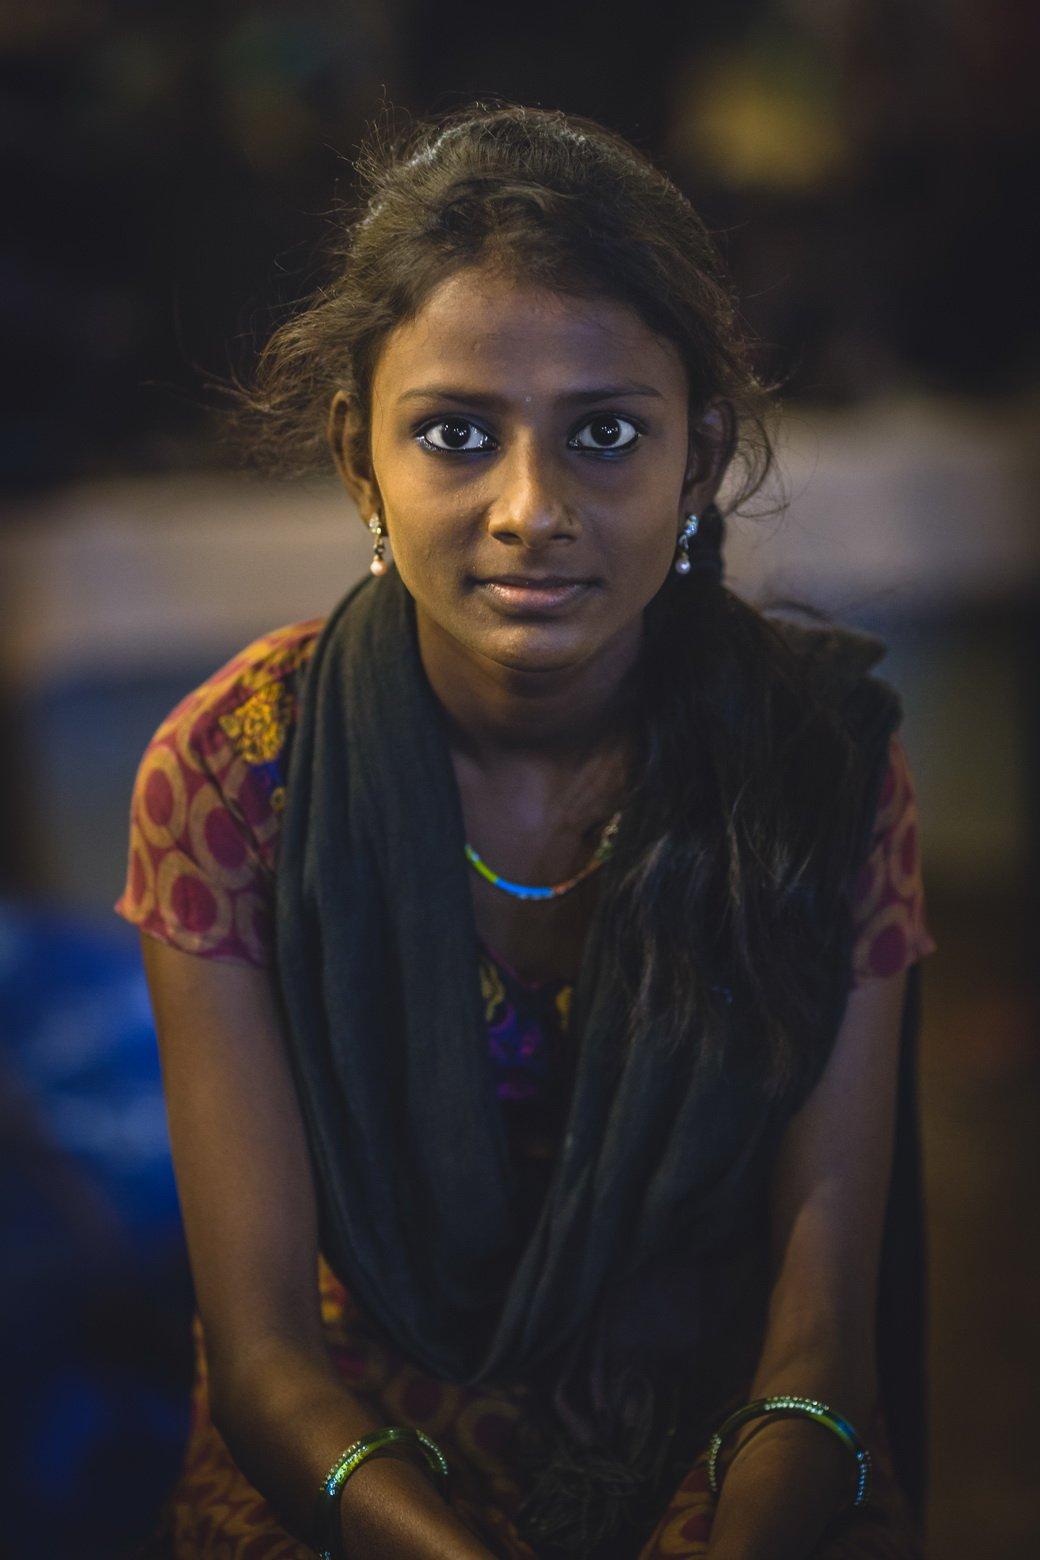 Индия глазами Трофимова - Изображение 34